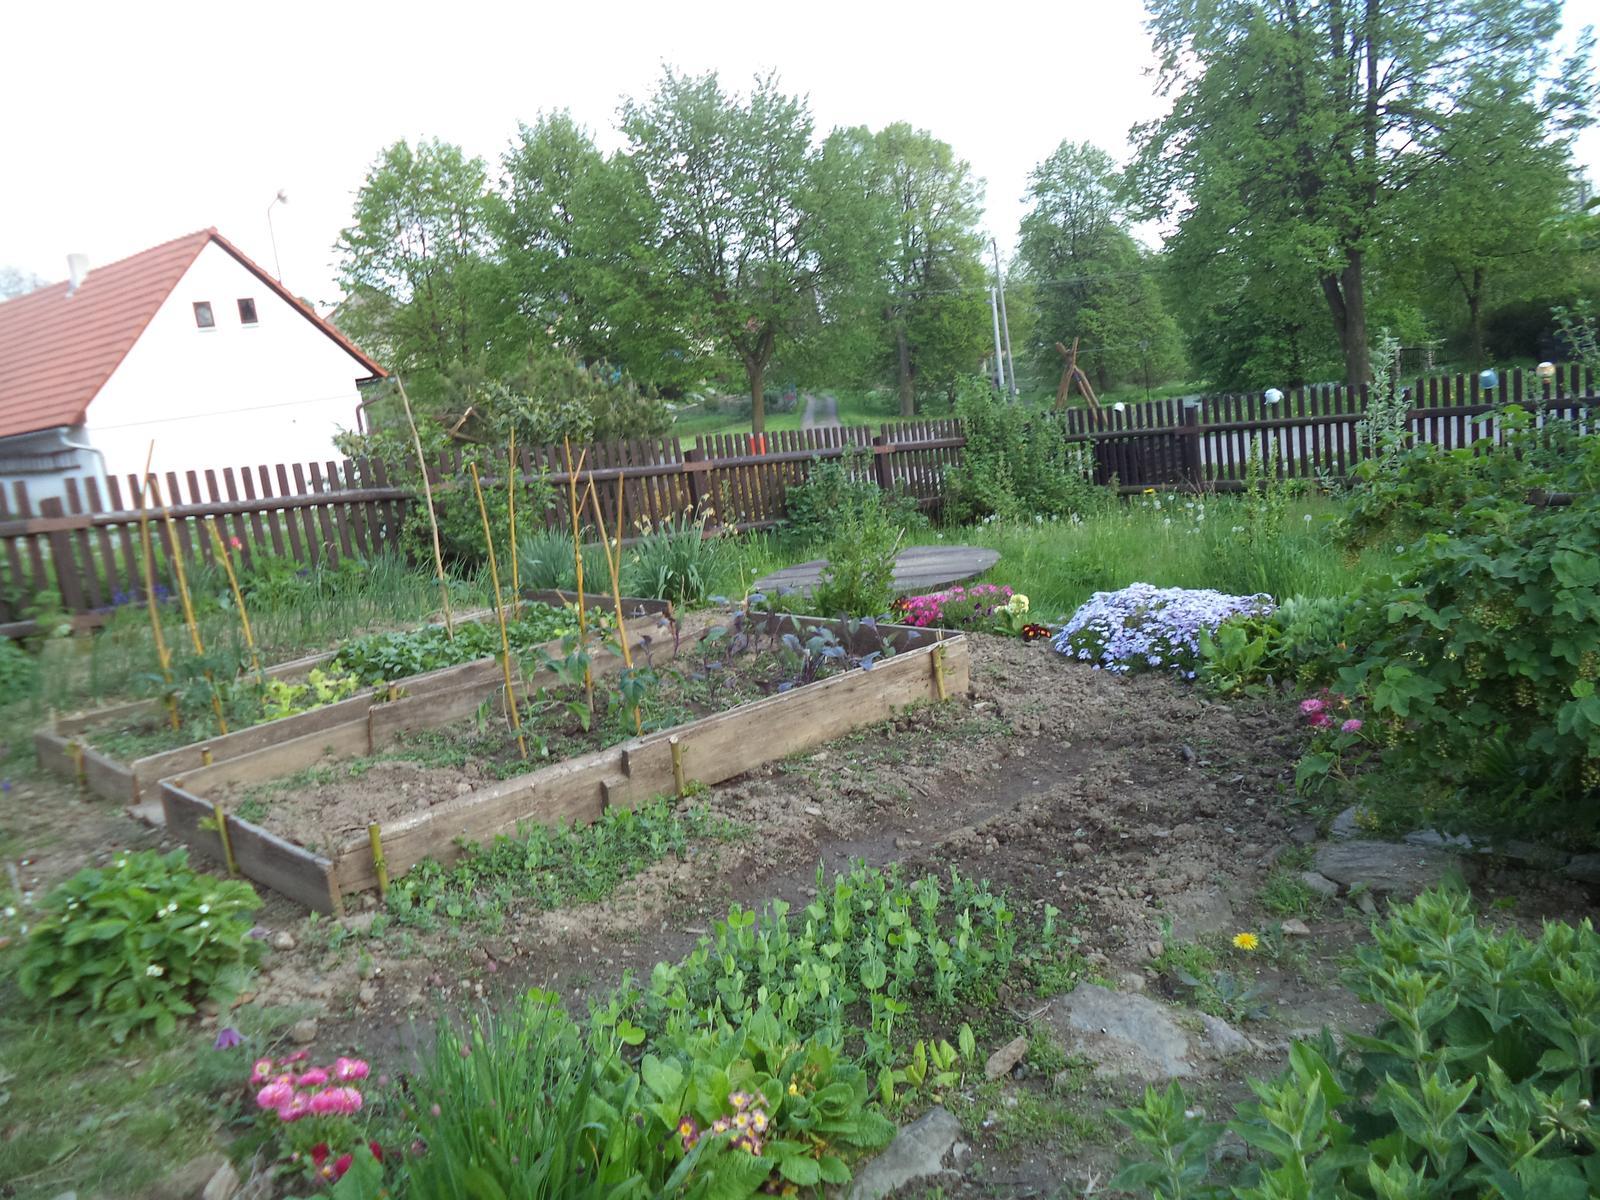 Zahrádkové - Květen 2017 Naše mladší fotila naše společné dílo - zahrádku jsem převzala před 10 lety. Naše děti tu mají taky svoji zeměplochu k práci i radosti. Před 2 lety tchán vyrobil s pomocí manžela plot. Manžel letos vyrobil provizorní vyvýšené záhonky.